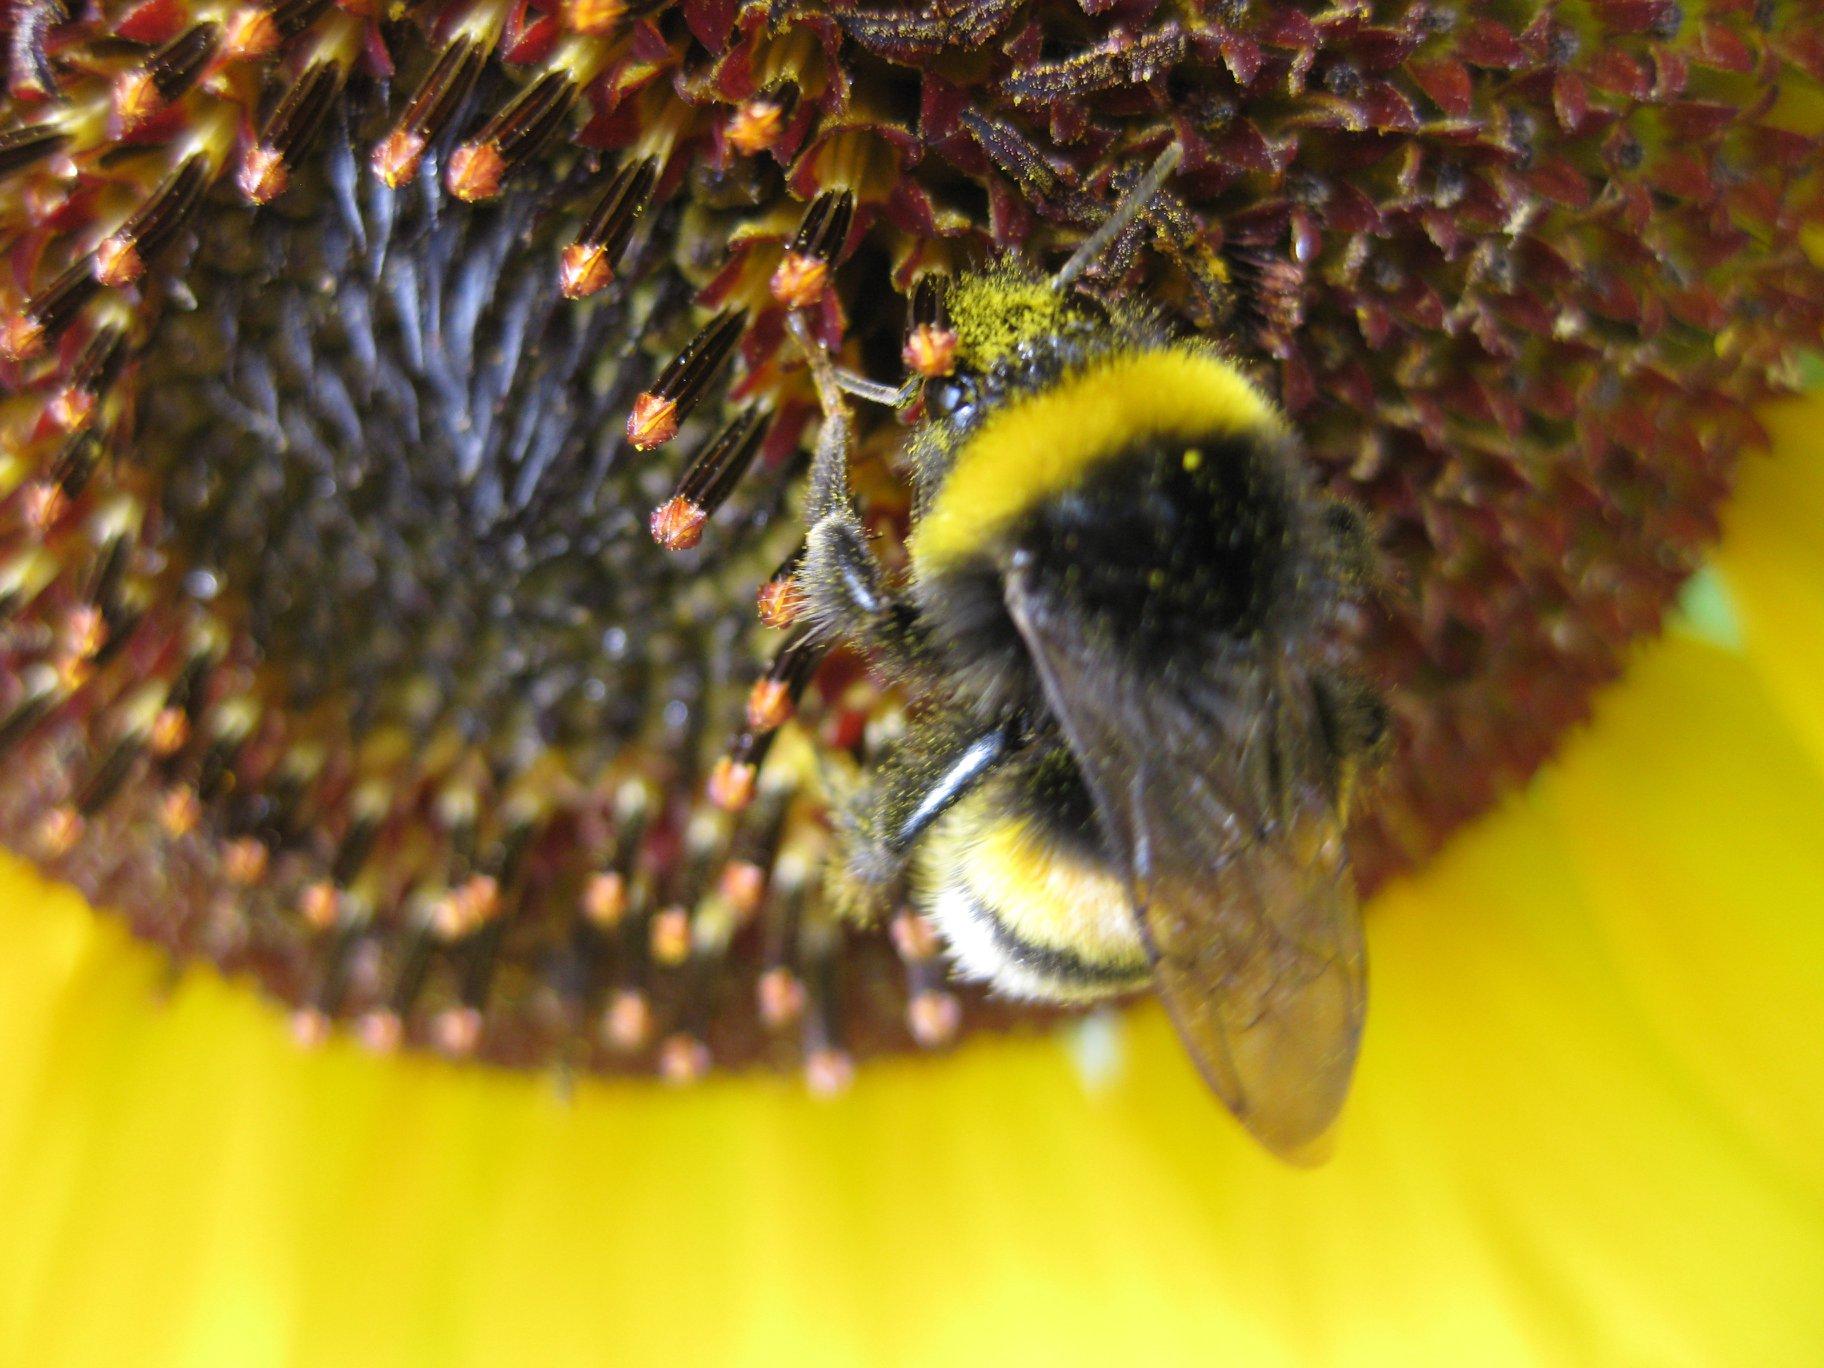 Spritzschutzstreifen - Garten-Hummel auf Sonnenblume